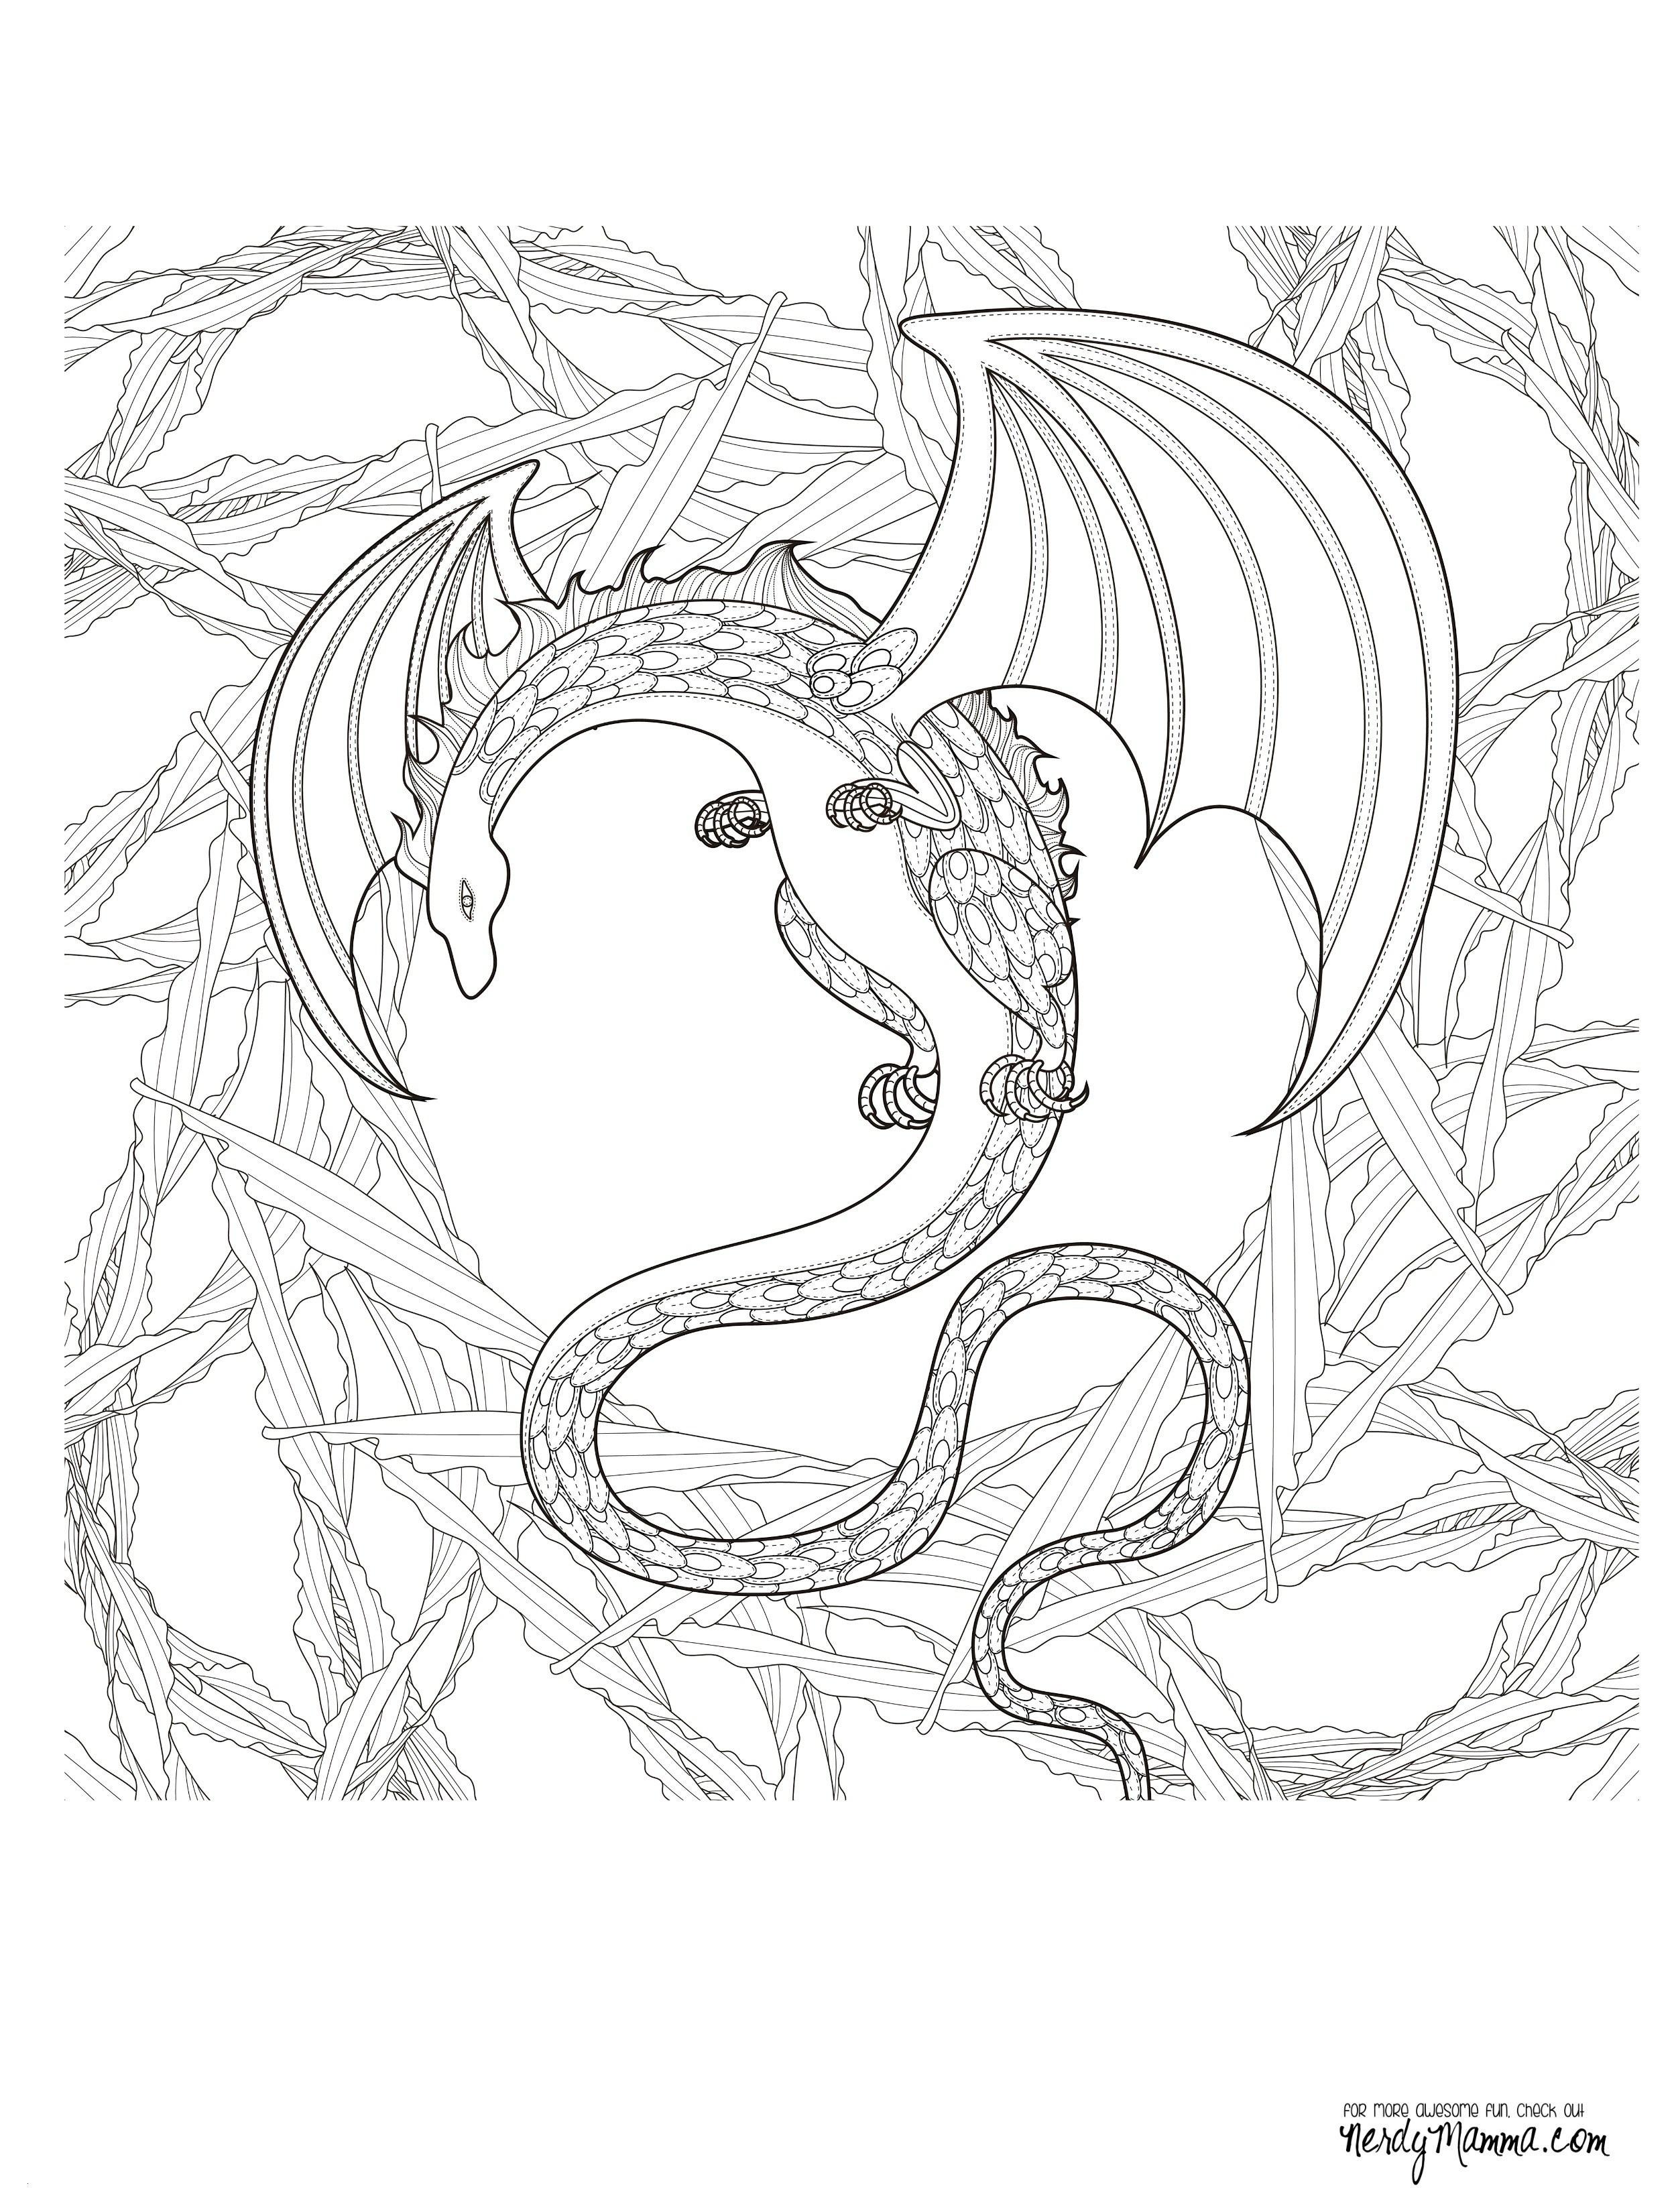 Ausmalbilder Erwachsene Fantasy Frisch Ausmalbilder Mandala Eule Schön Malvorlagen Für Erwachsene Bild